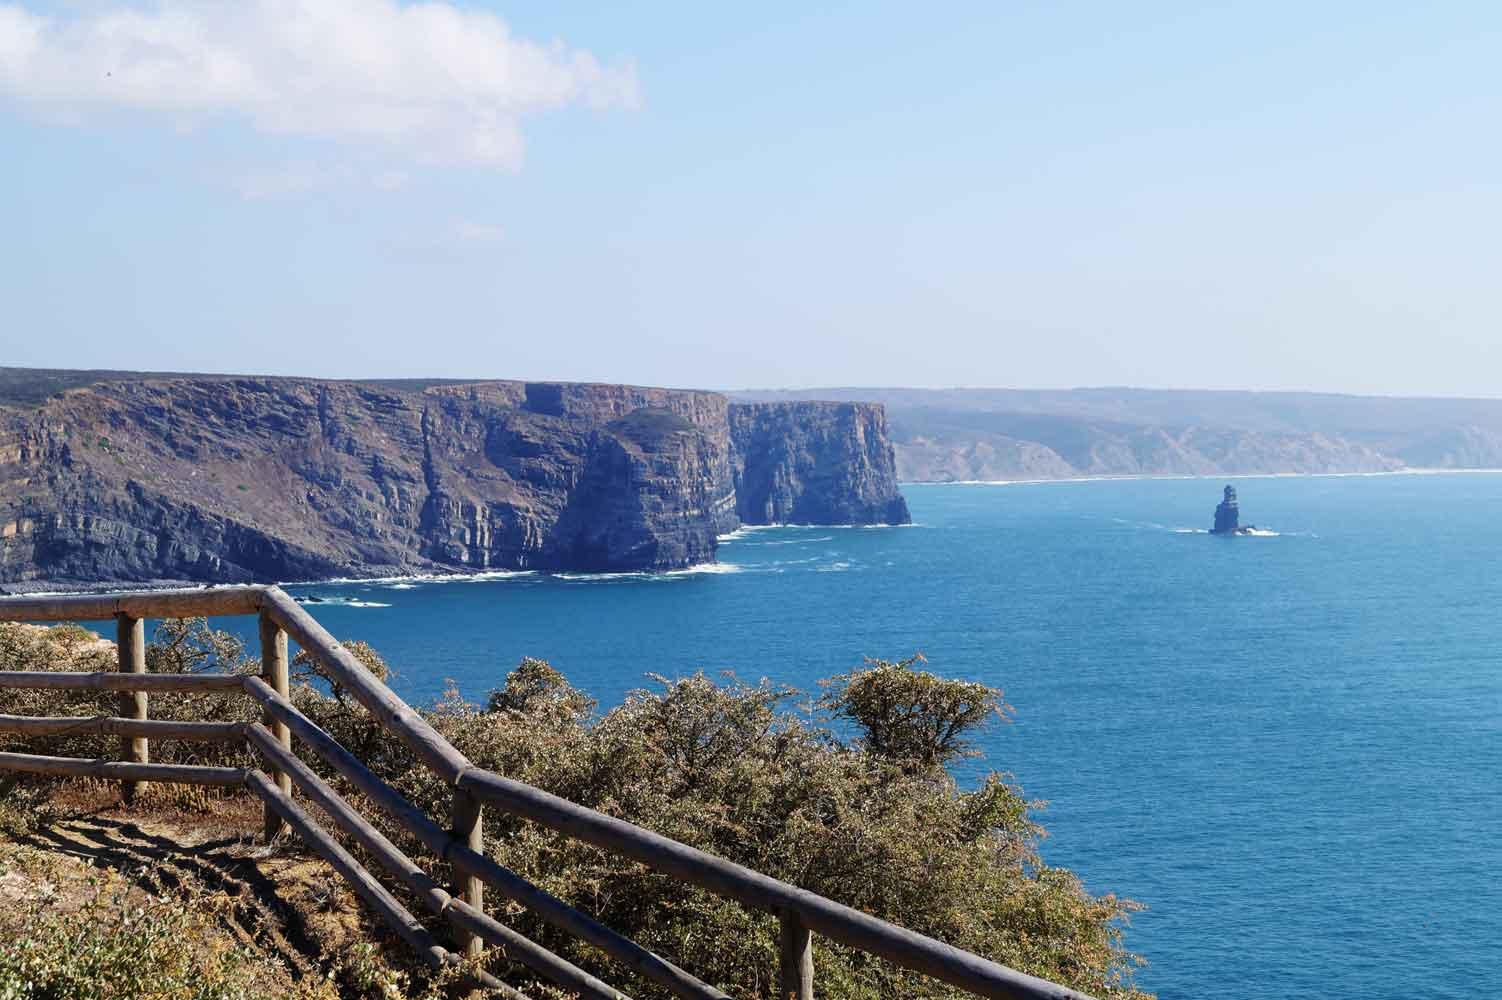 Portugal Reiseroute für zwei  Wochen Roadtrip [mit ganz viel Algarve]